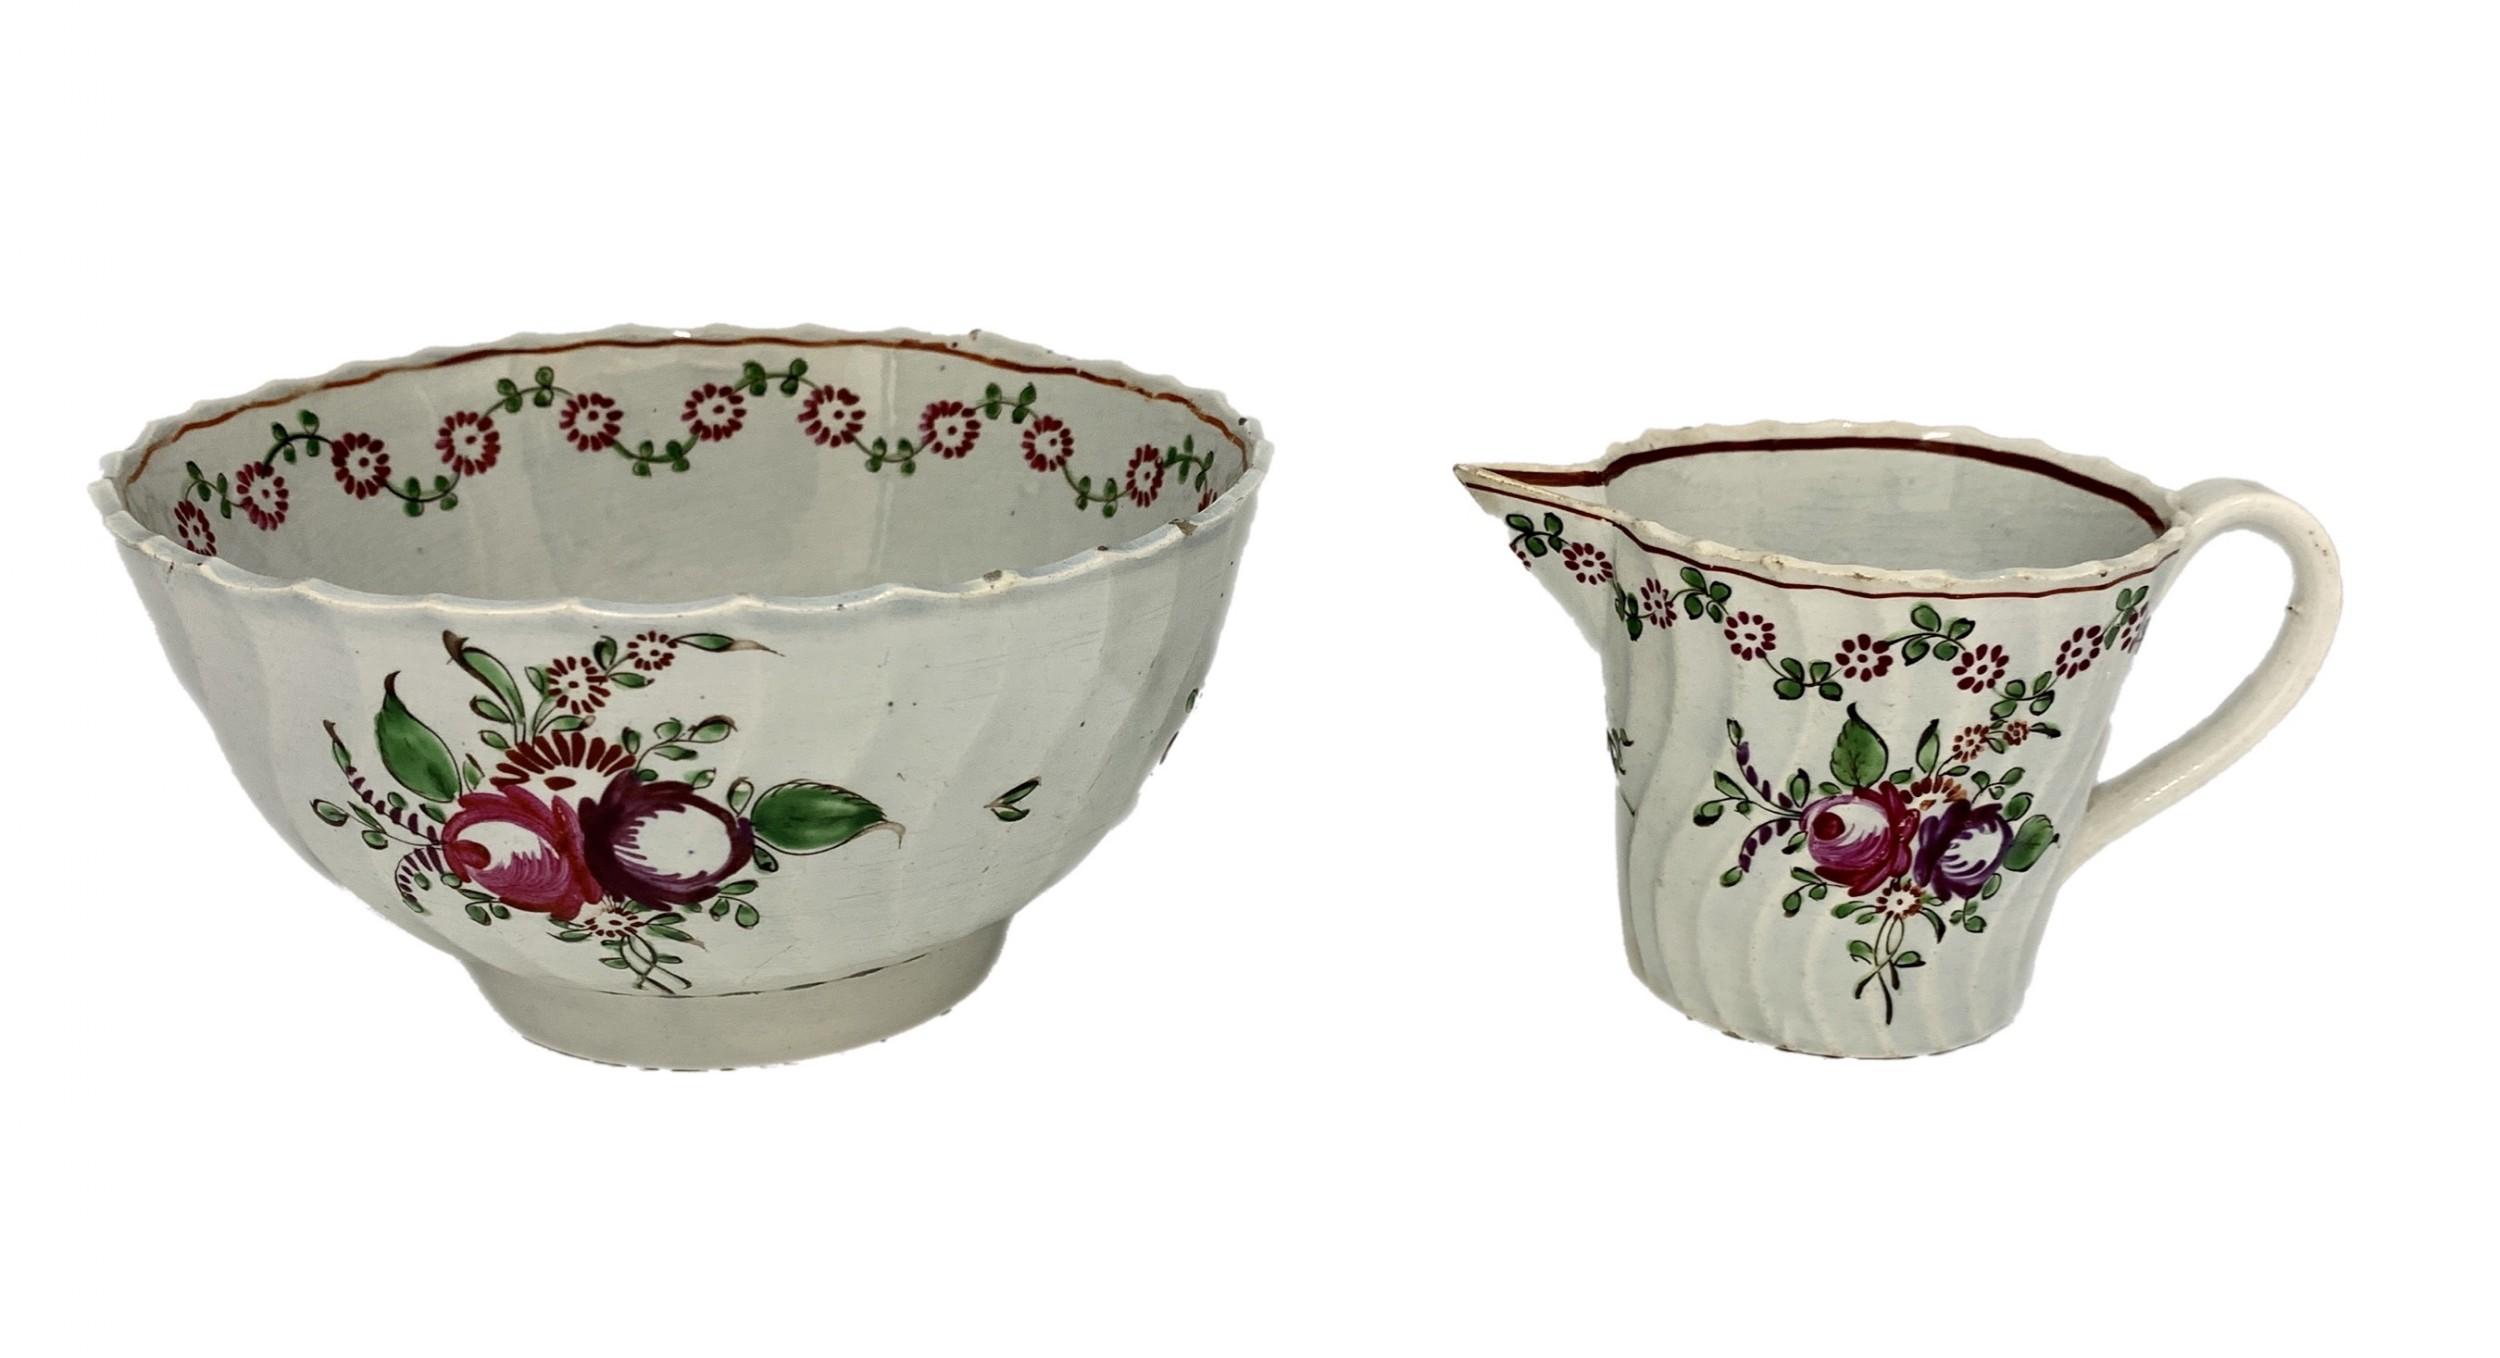 antique pearlware sugar basin cream jug circa 1800